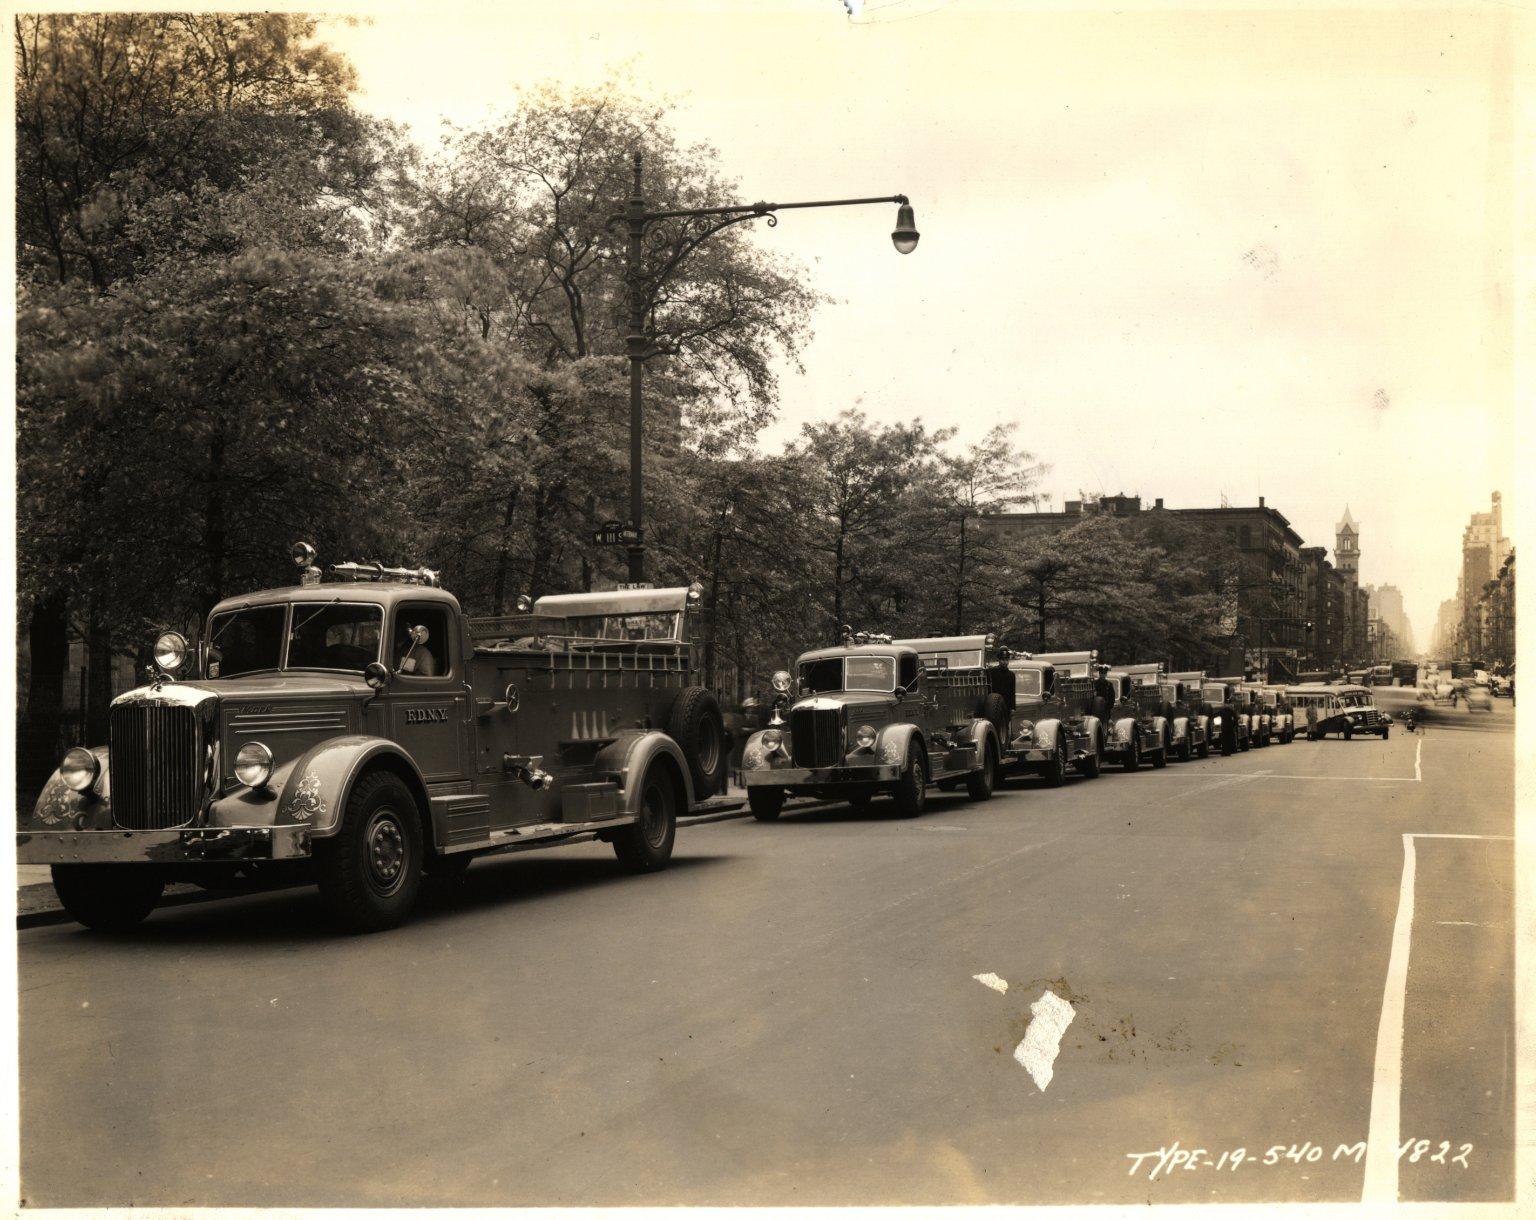 Пожарные автомобили Mack. Нью-Йорк, США. 1950-е